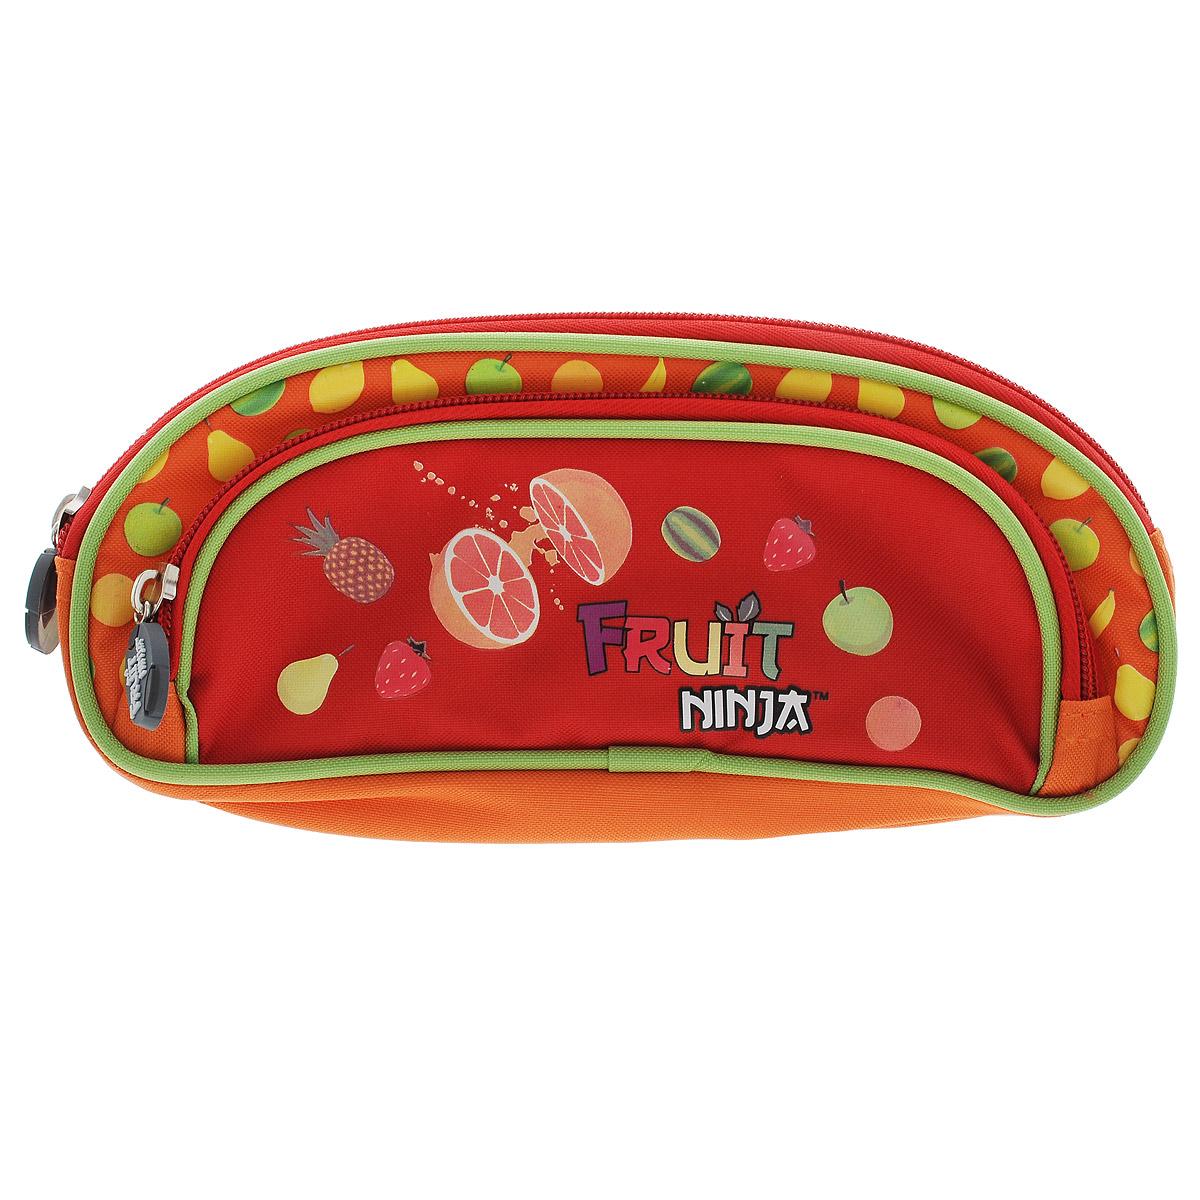 Пенал Action! Fruit Ninja, цвет: оранжевый72523WDПенал Action! Fruit Ninja станет не только практичным, но и стильным школьным аксессуаром для любого малыша. Он оформлен в стиле знаменитой игры Fruit Ninja.Пенал выполнен из прочного полиэстера и состоит из одного вместительного отделения, закрывающегося на застежку-молнию. На лицевой стороне пенала расположен накладной карман на застежке-молнии. Пенал оформлен красочными изображениями сочных фруктов.Такой пенал станет незаменимым помощником для школьника, с ним ручки и карандаши всегда будут под рукой и больше не потеряются.